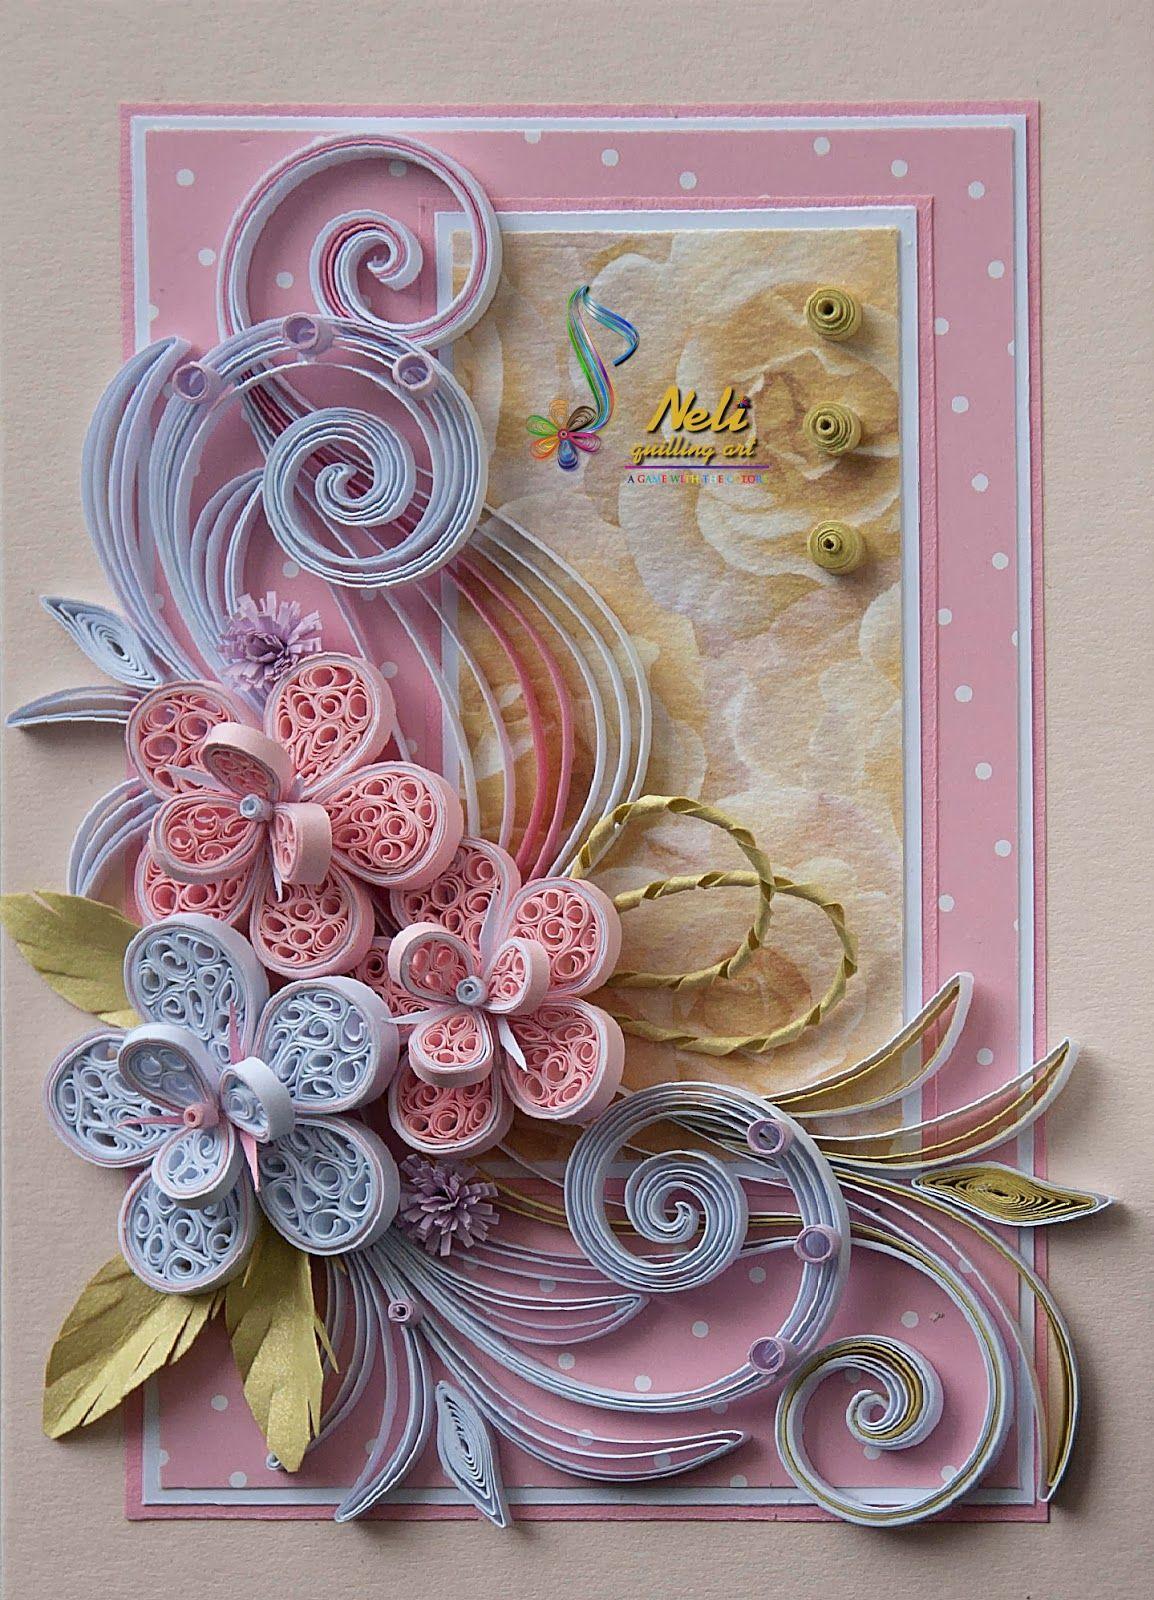 neli quilling card   105 cm  15 cm   paper quilling